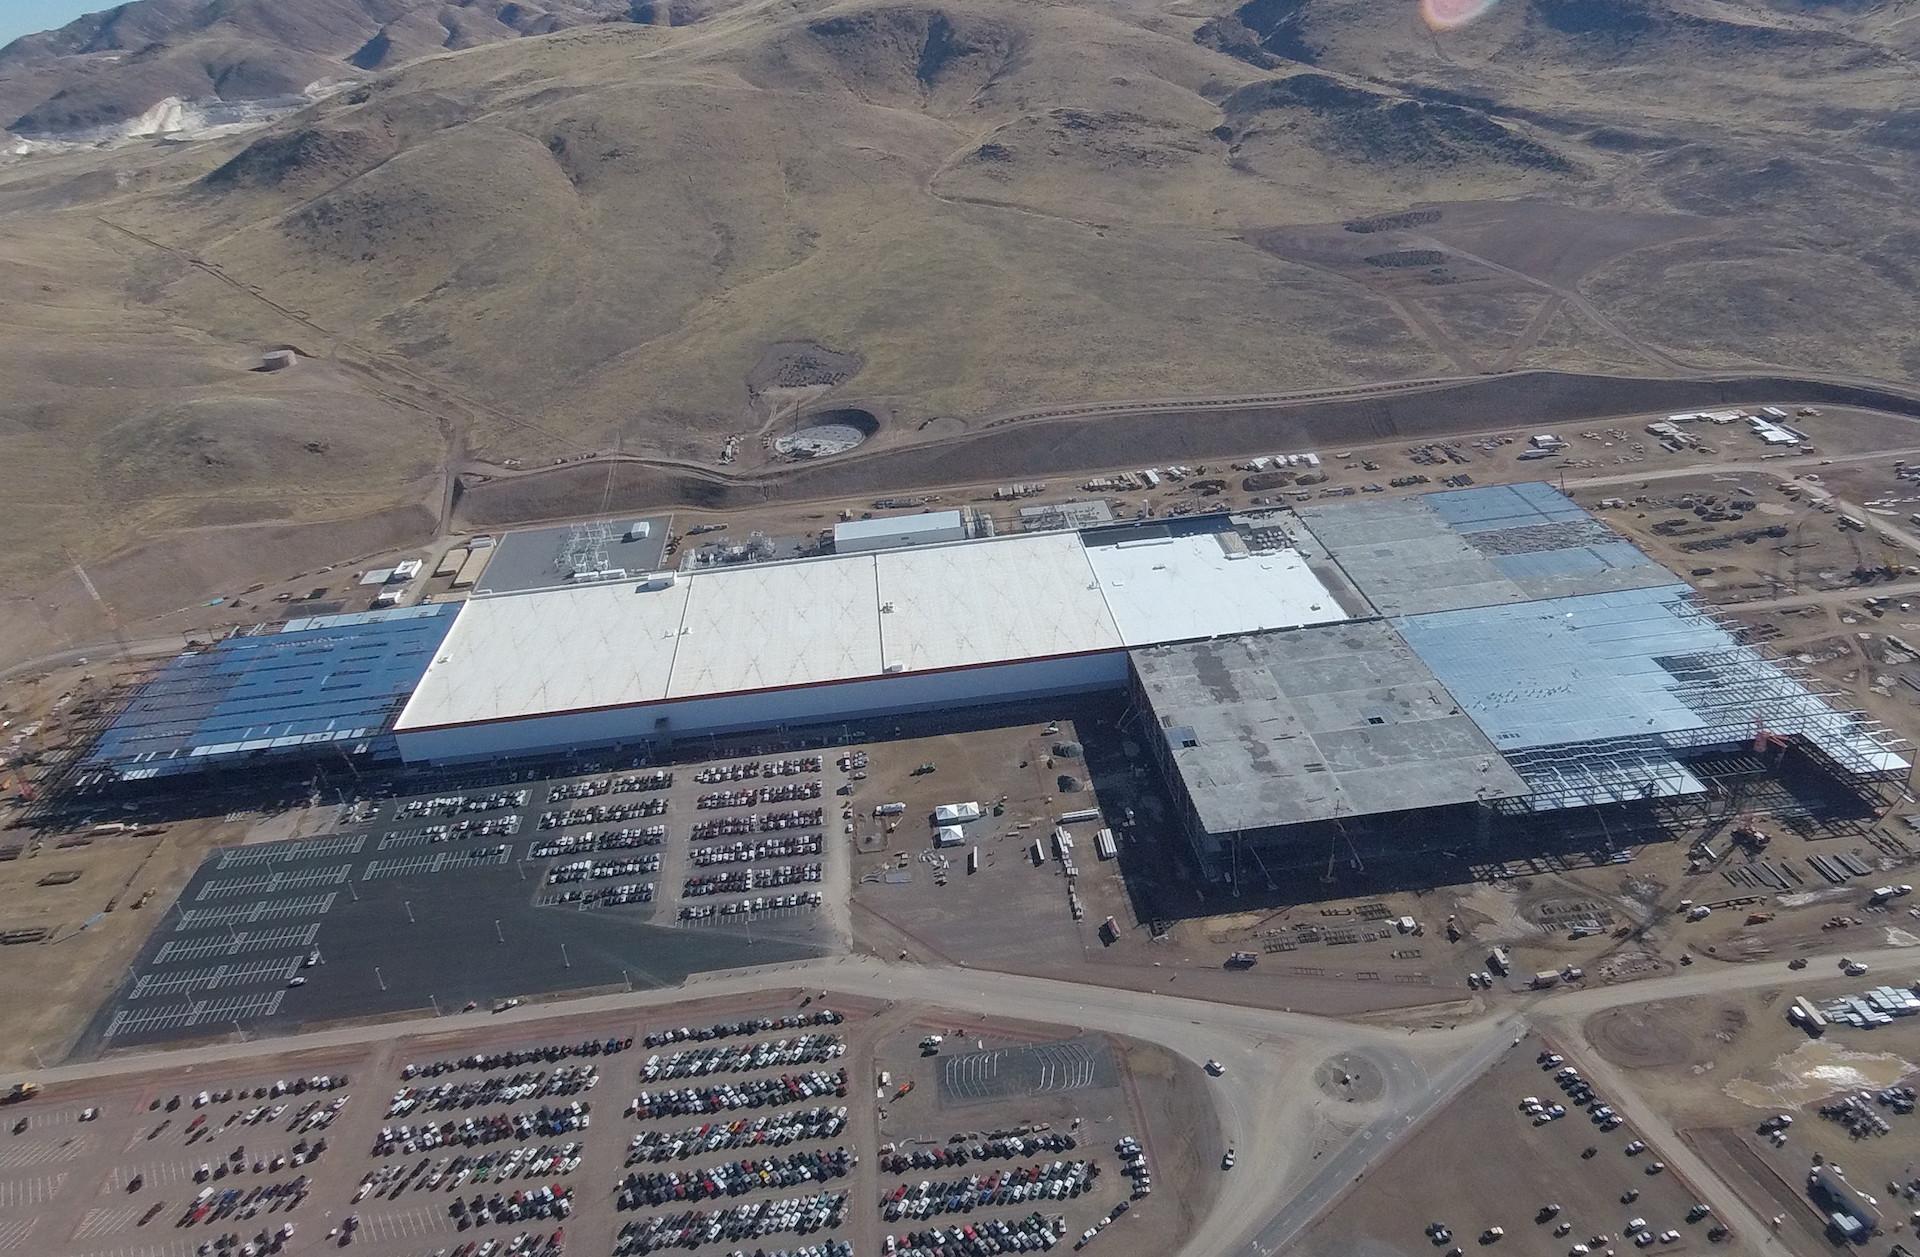 Tesla Gigafactory, Nov 2, 2016